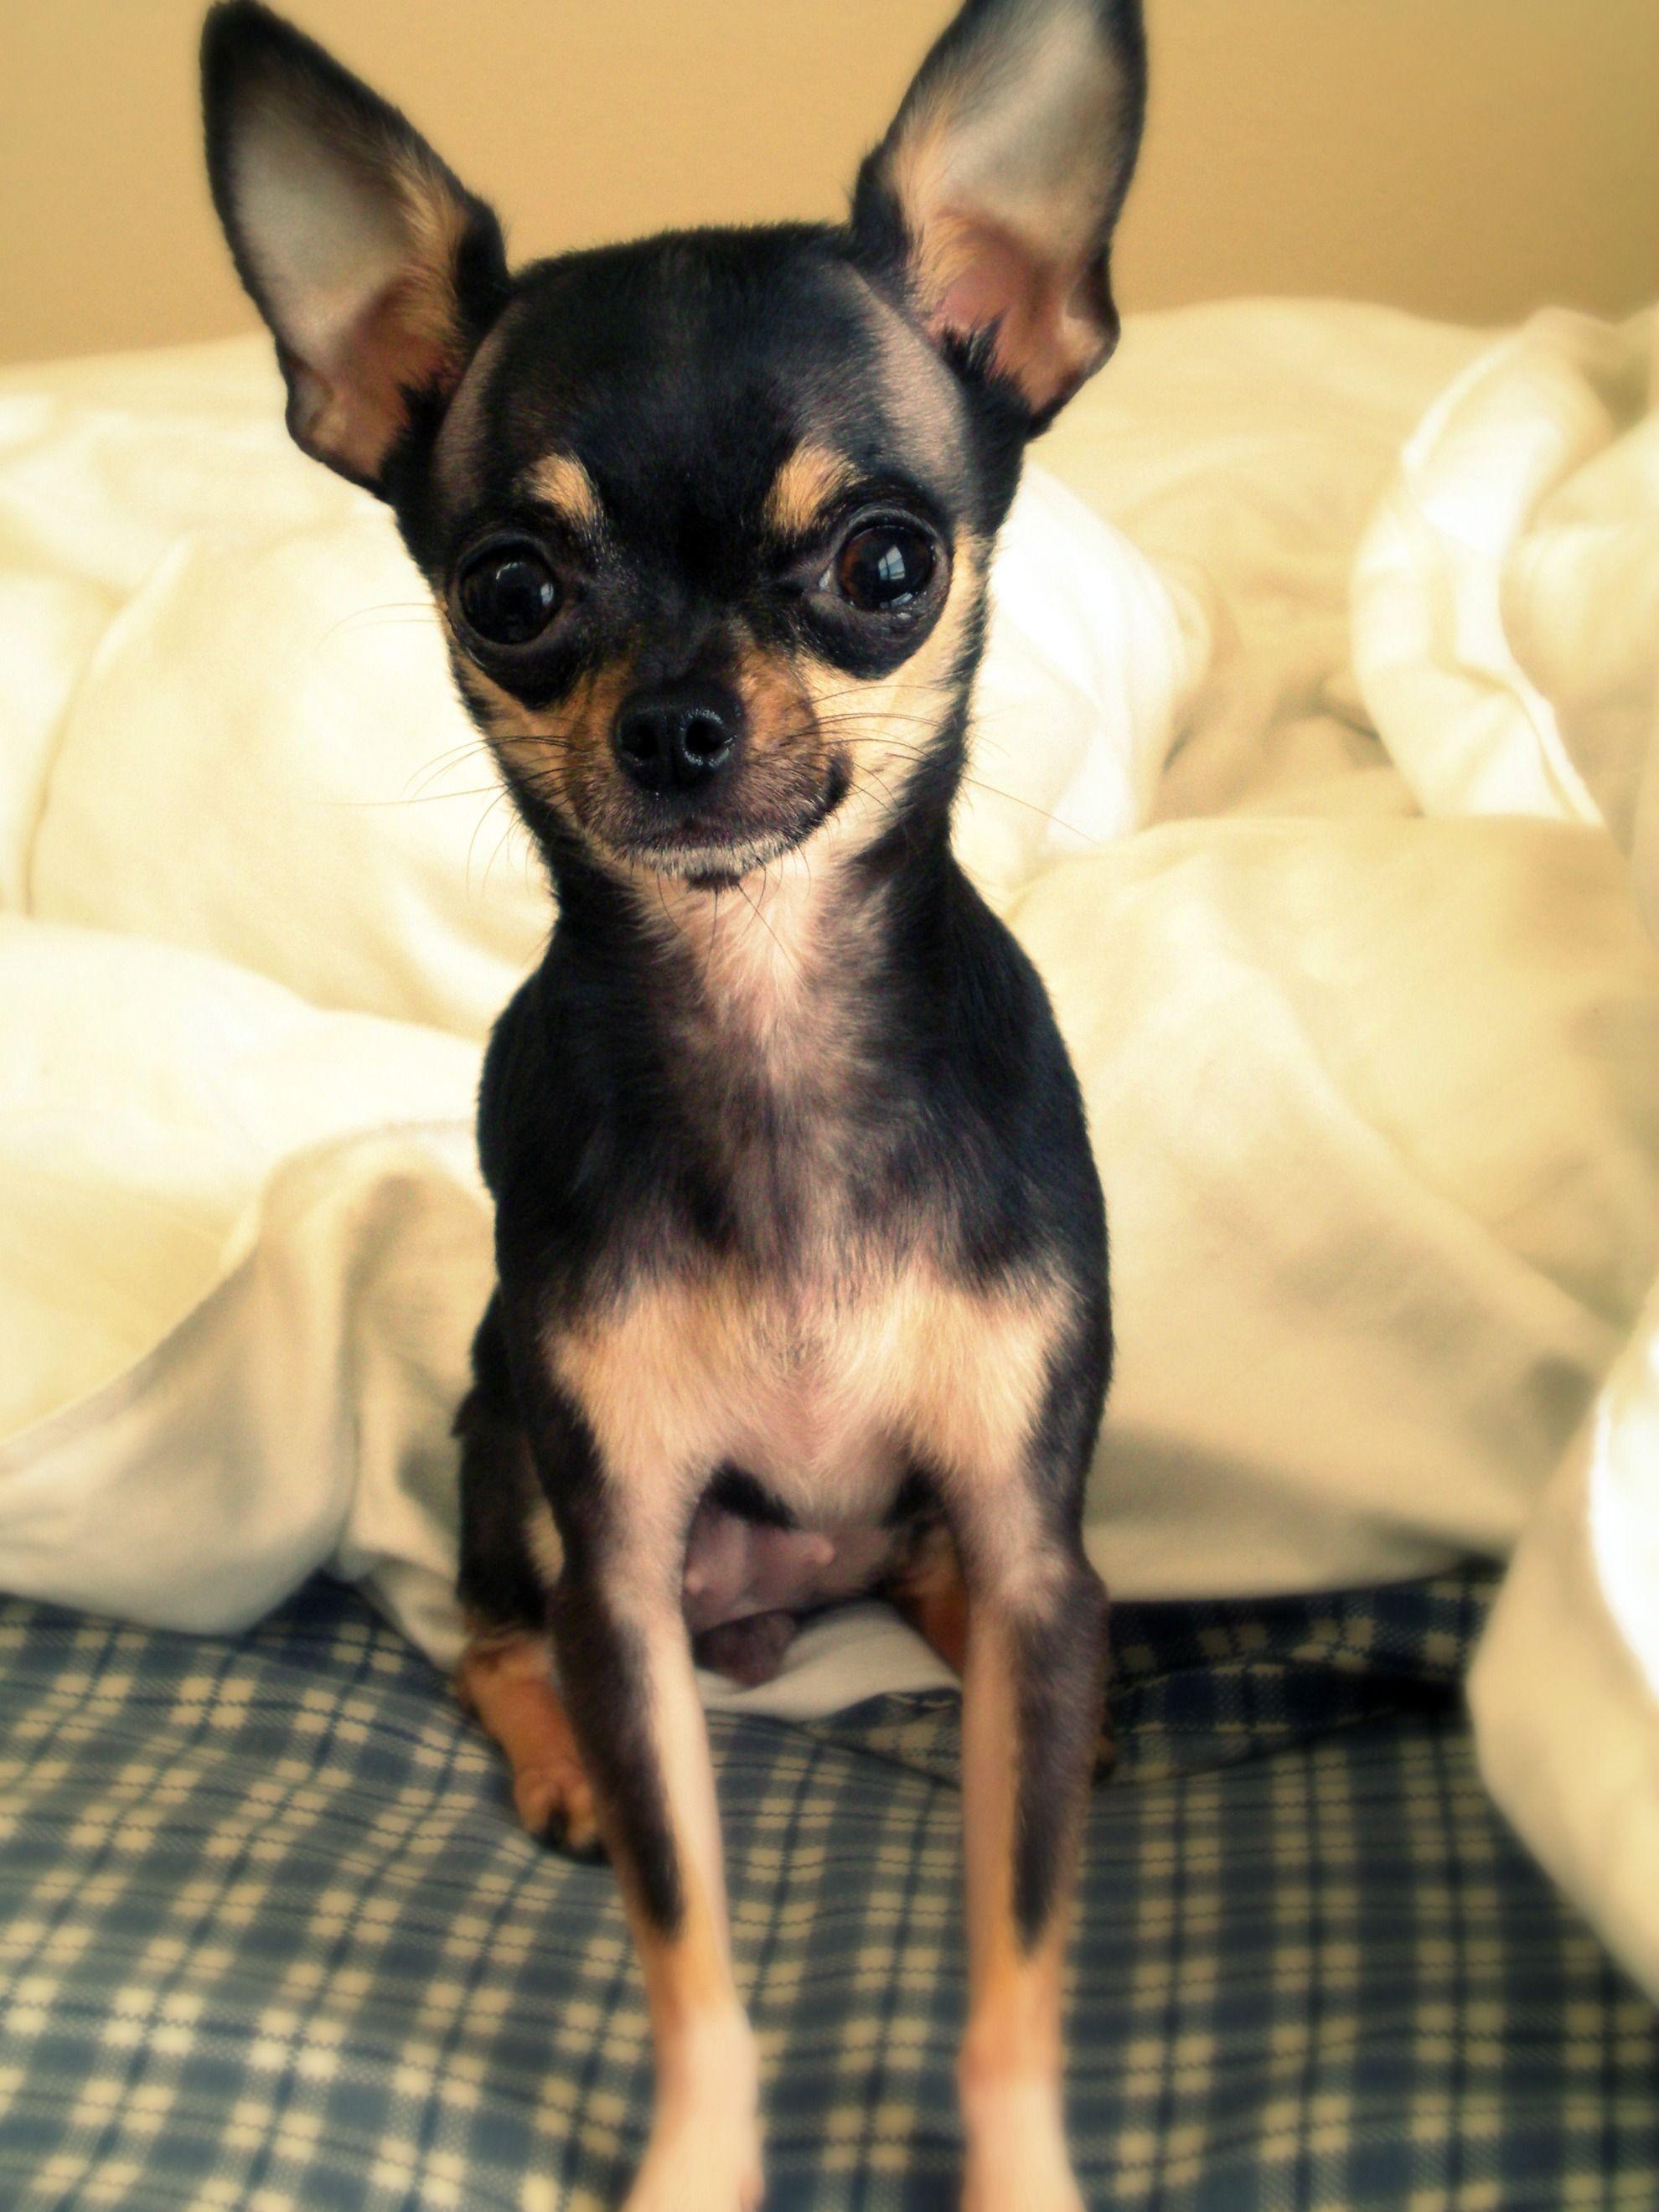 Miss Bella Luna My 2 5 Lb Baby Cute Chihuahua Chihuahua Love